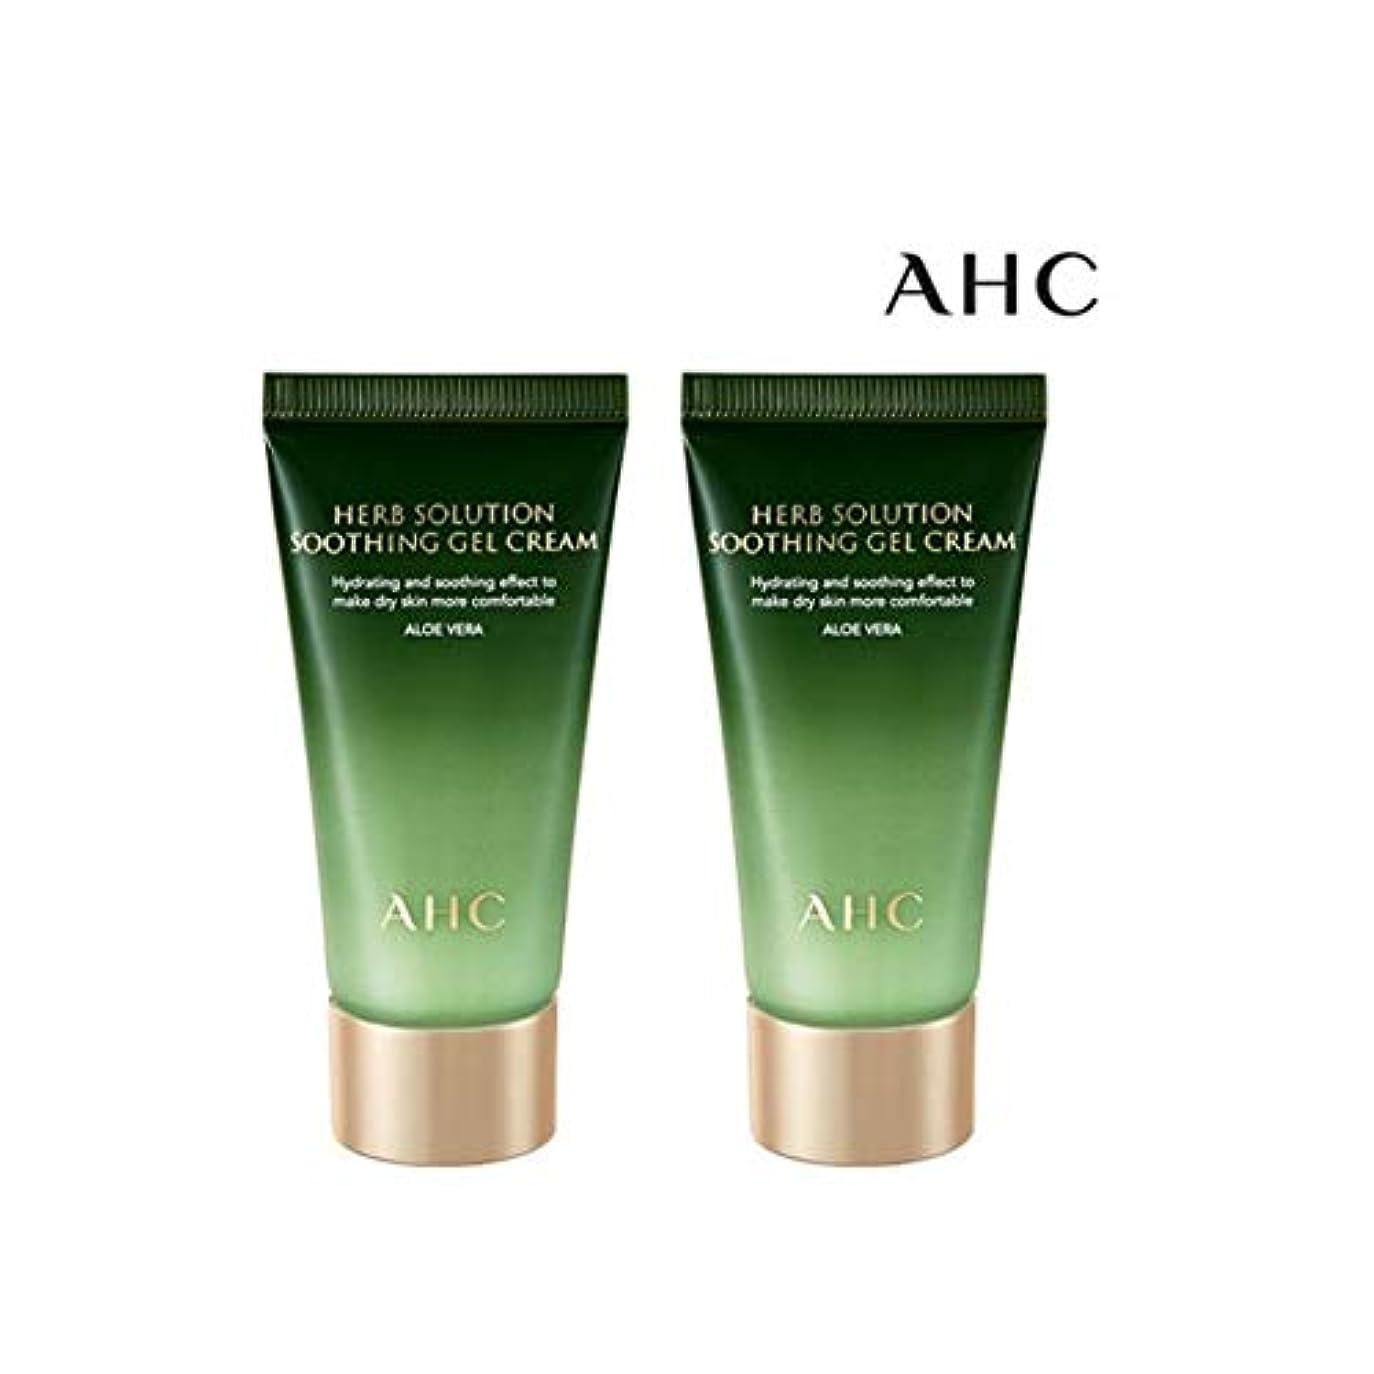 夏活性化新鮮なAHCハブソリューションアロエベラスージングジェルクリーム50mlx2本セット韓国コスメ、AHC Herb Solution Aloe Vera Soothing Gel Cream 50ml x 2ea Set Korean...